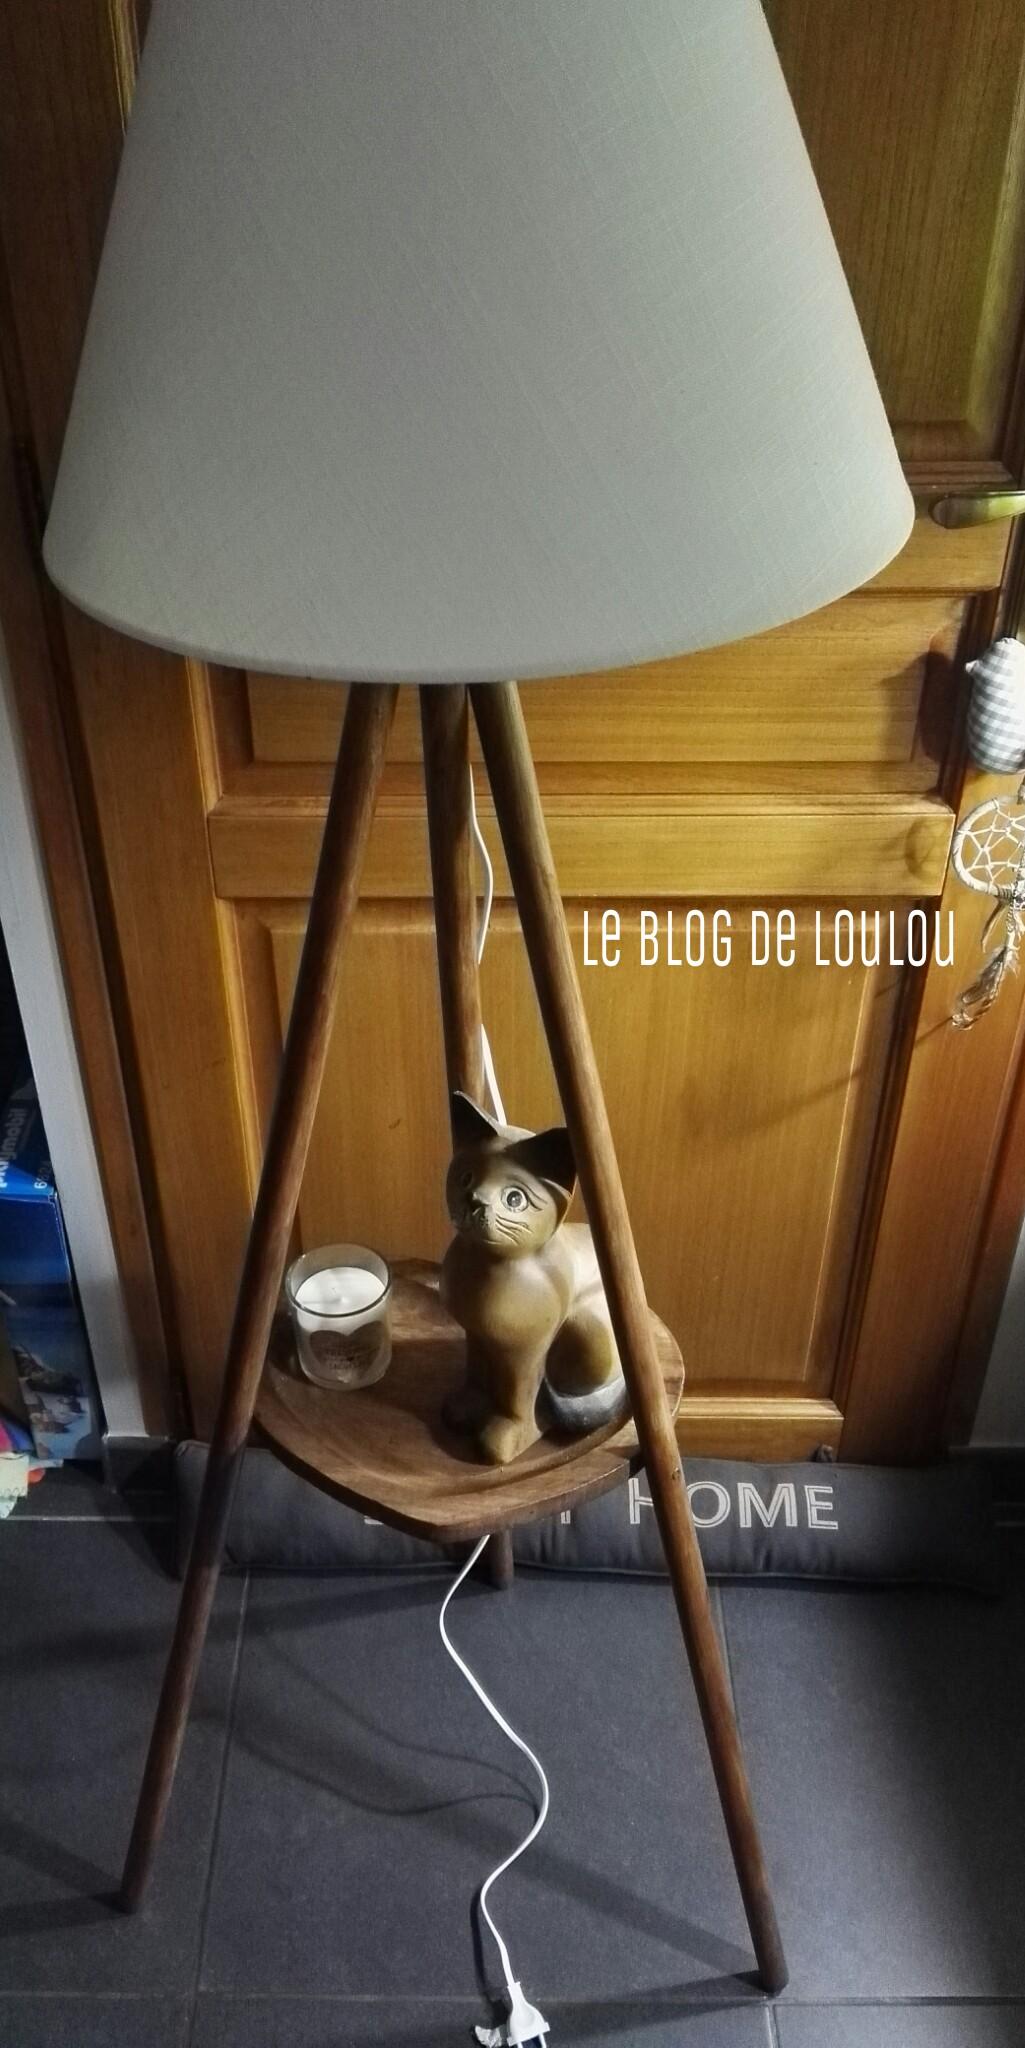 fabriquer lampe de chevet great que ce soit une. Black Bedroom Furniture Sets. Home Design Ideas